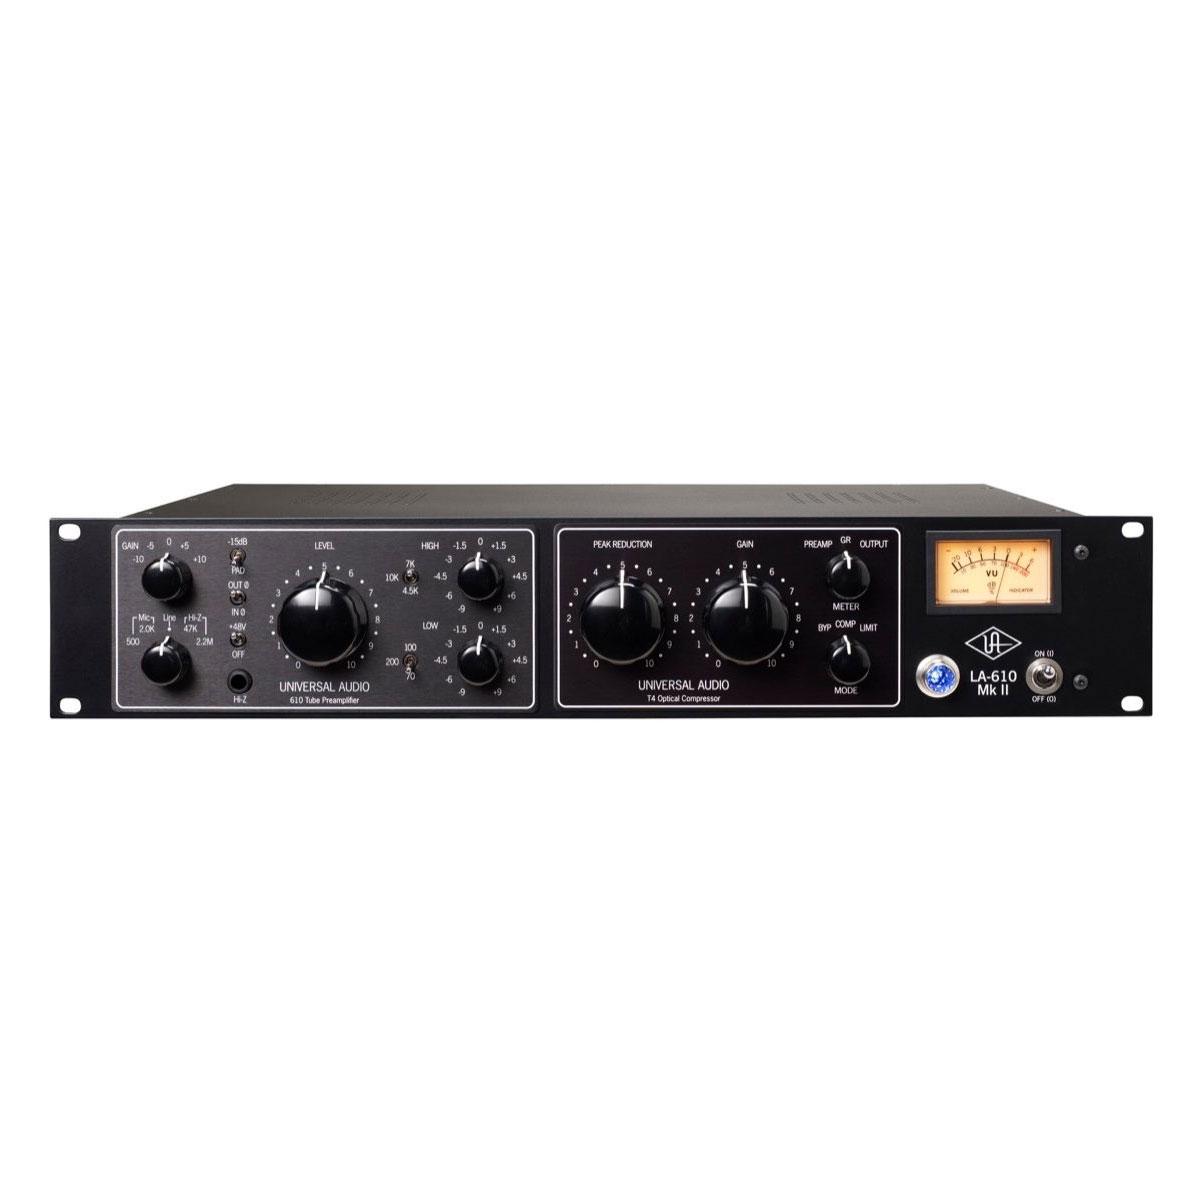 Universal-Audio-LA-610-MKII